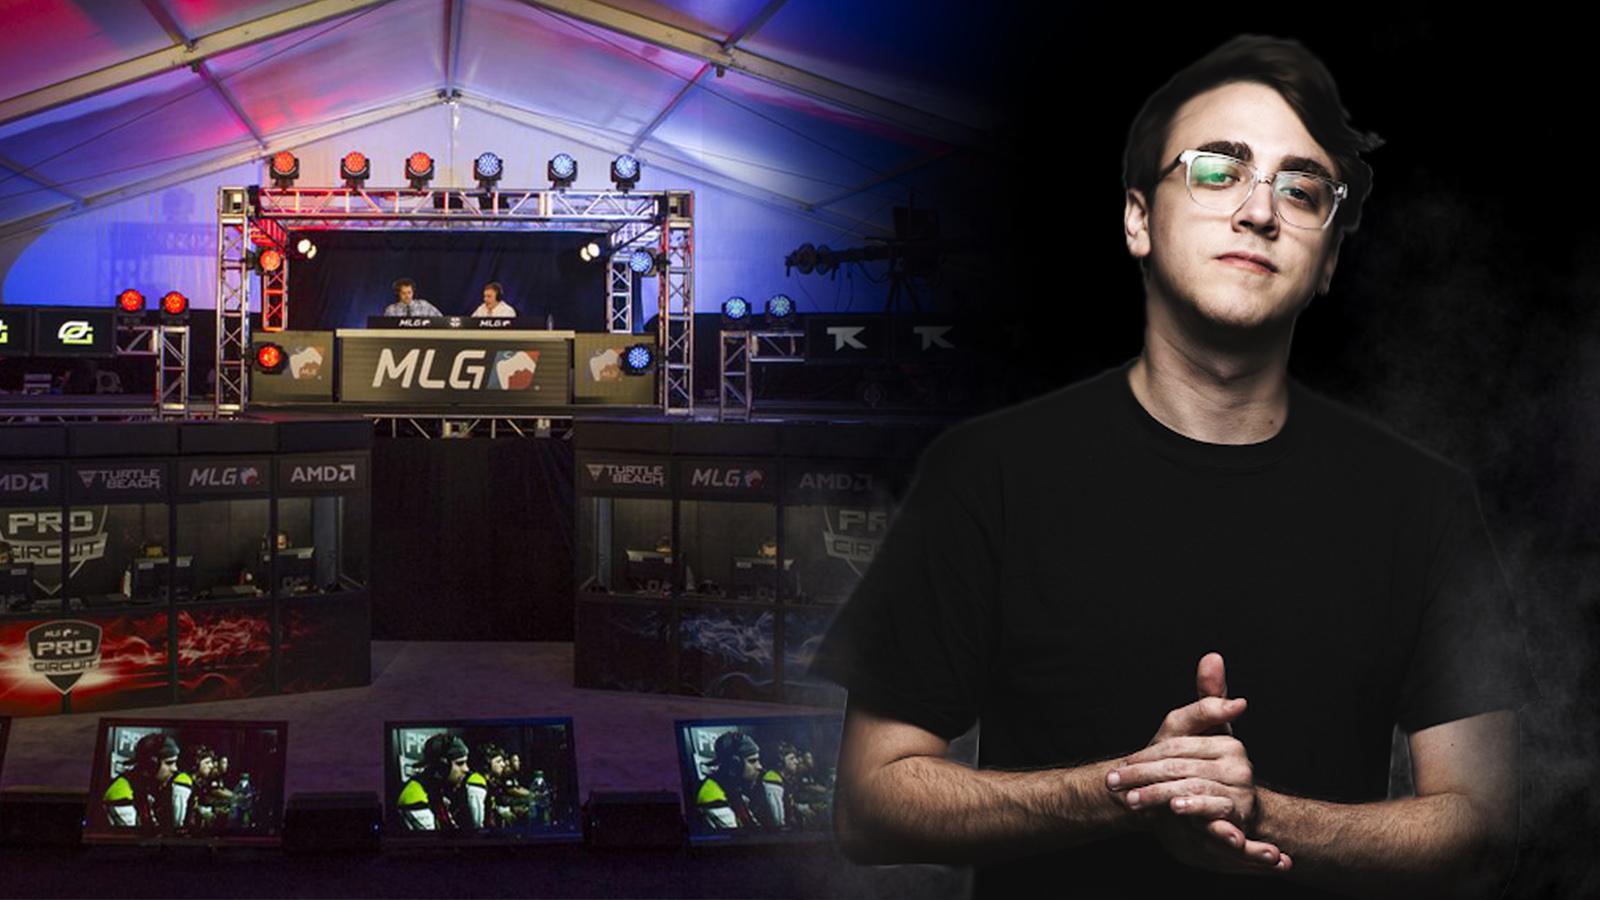 MLG/Team Envy